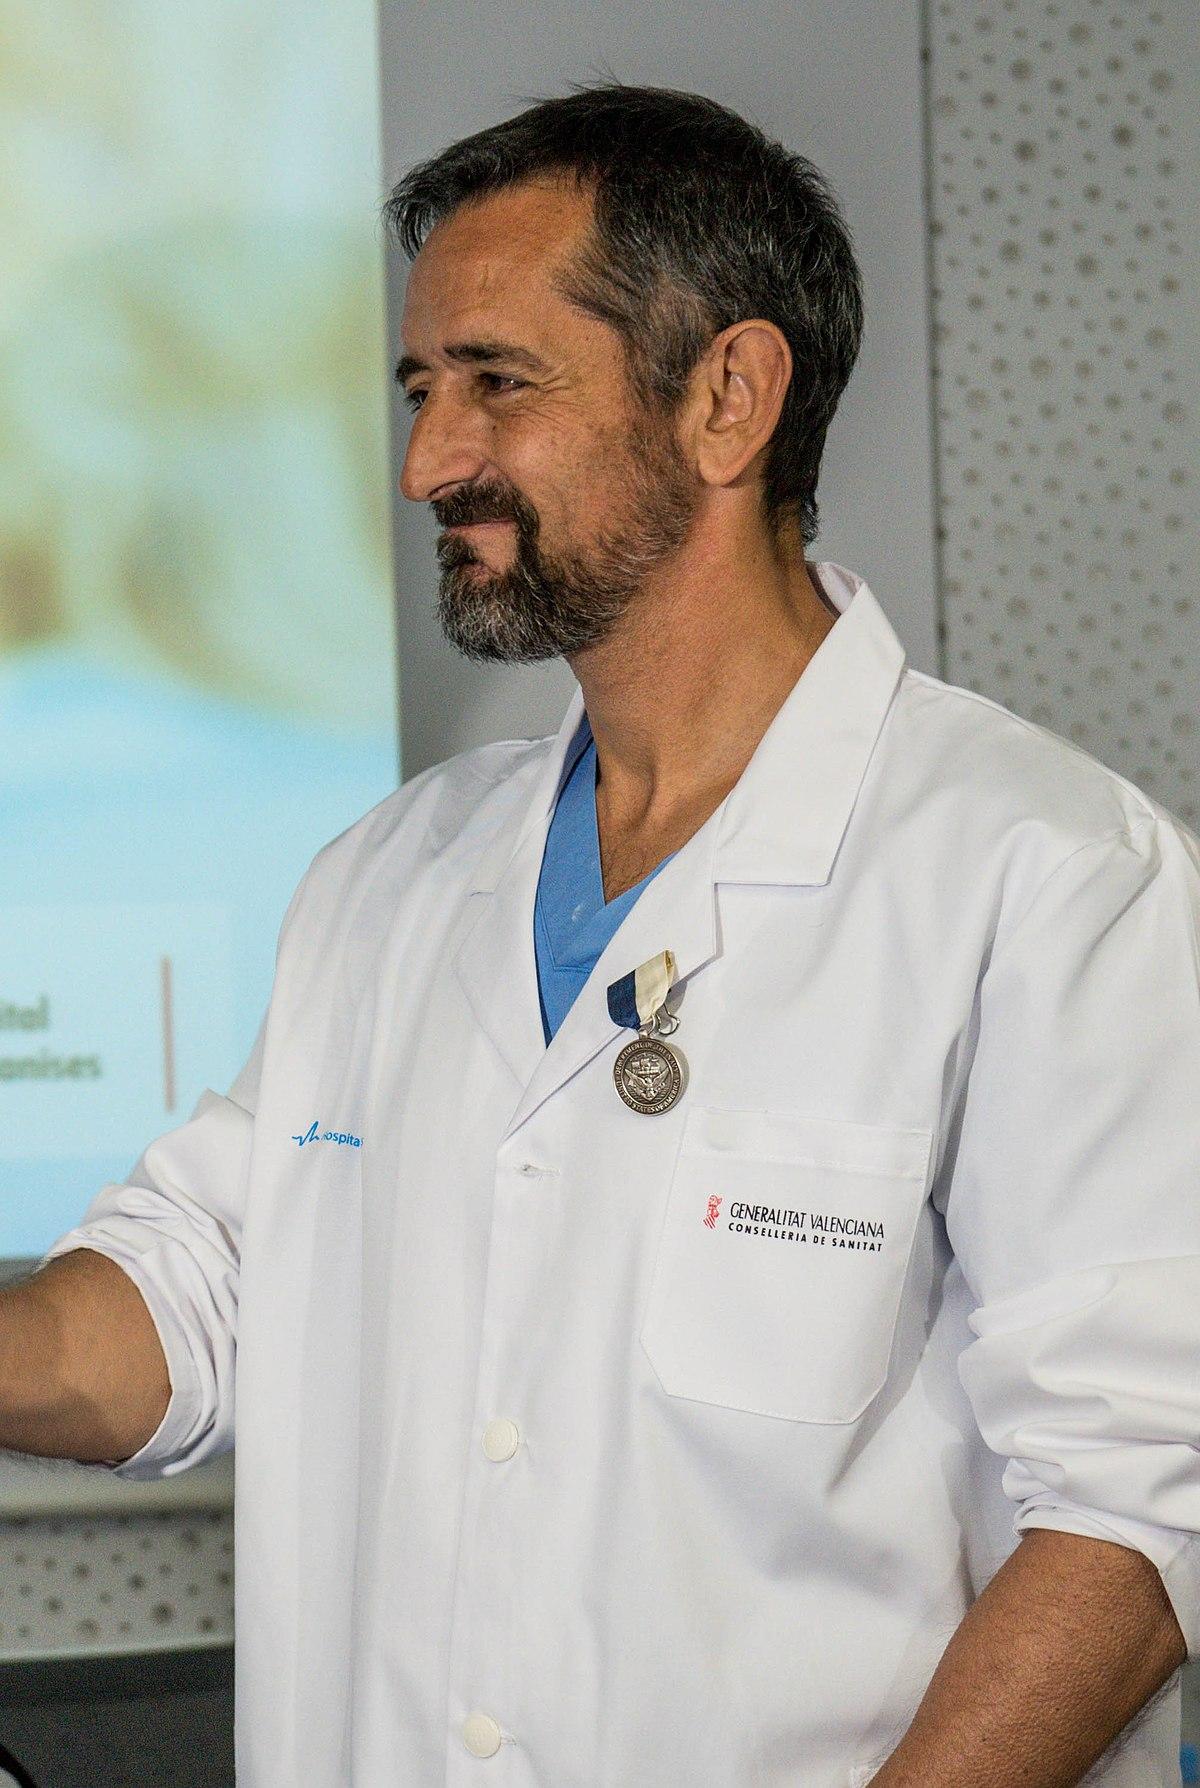 Pedro Cavadas - Wikipedia, la enciclopedia libre